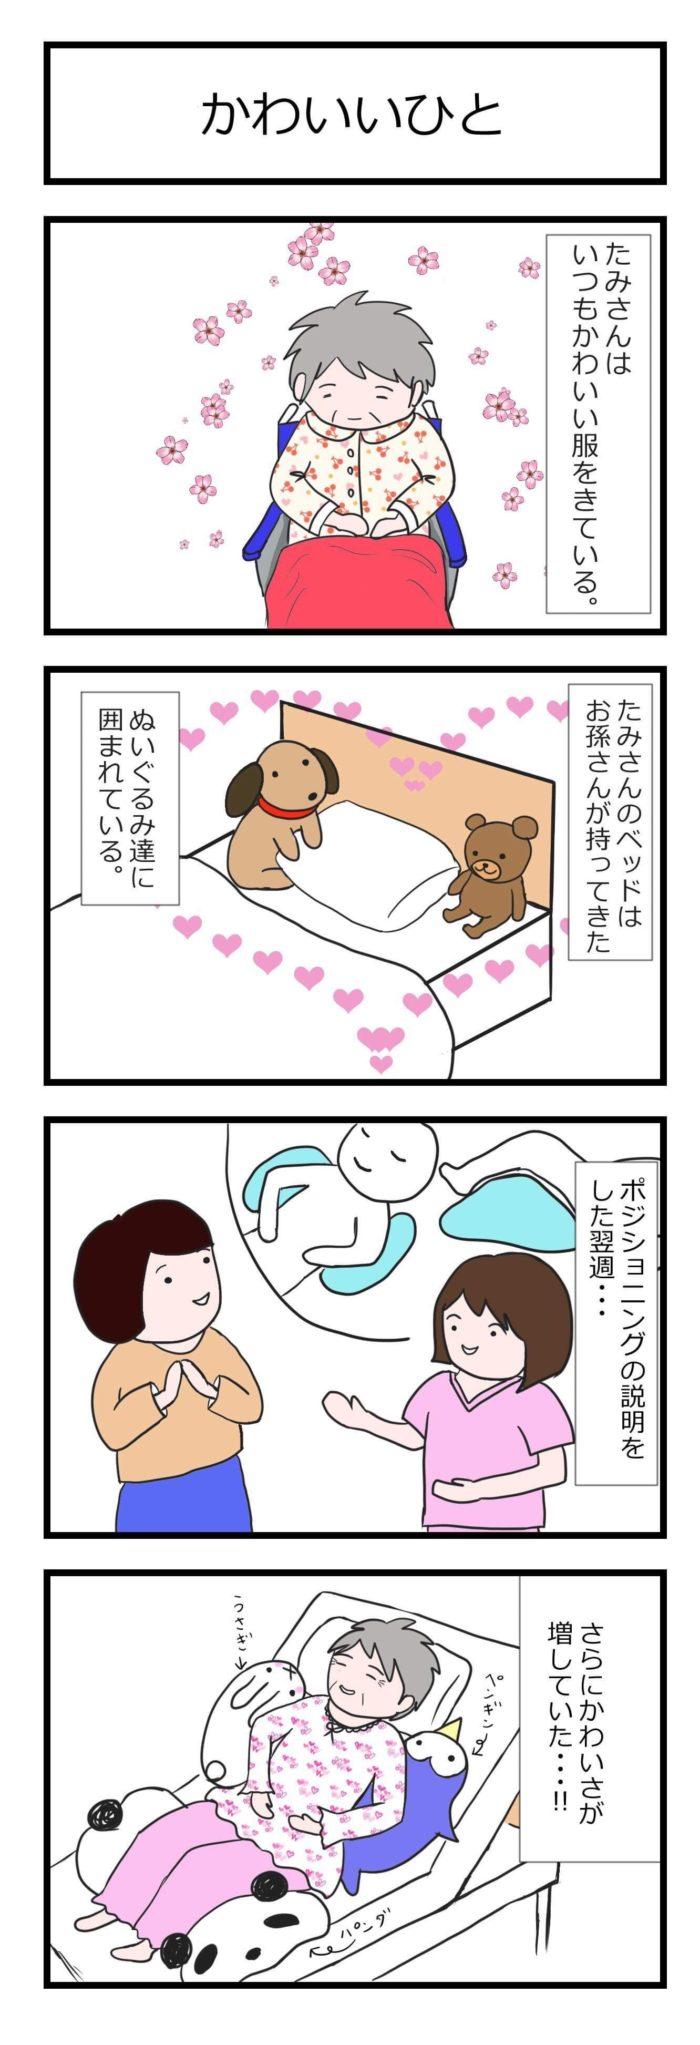 かわいいひと(4コマ)